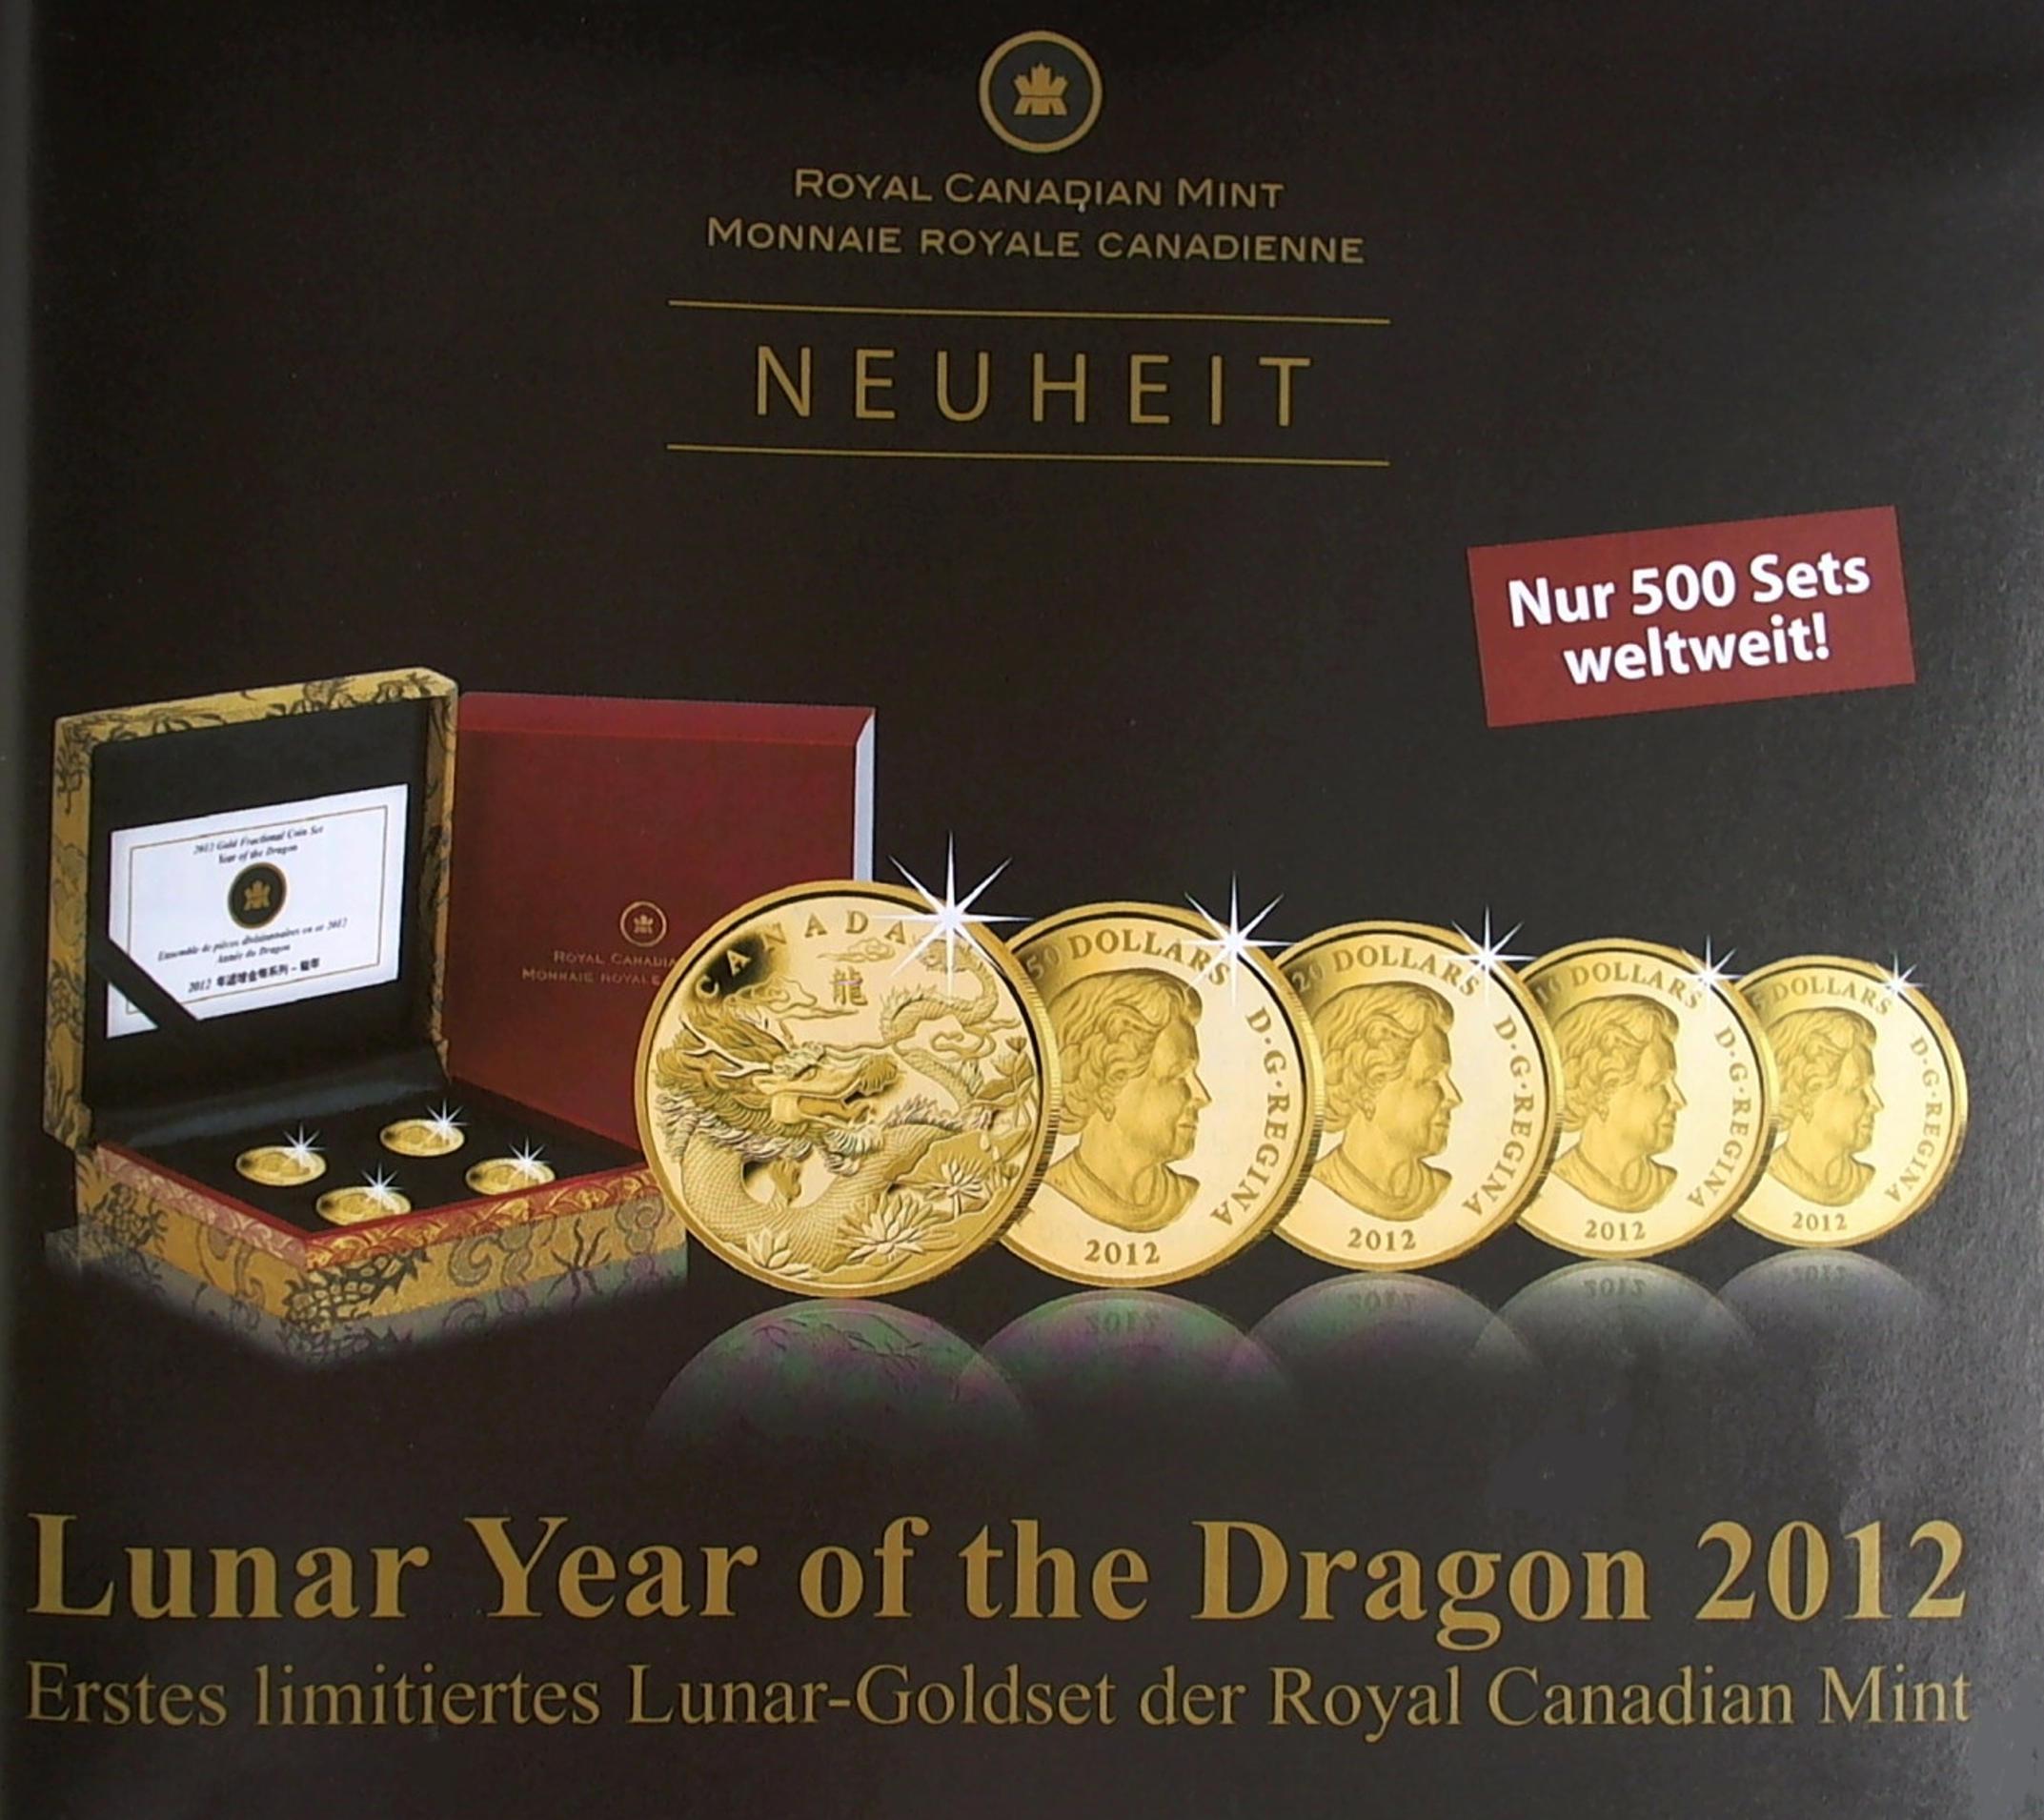 Drachen aus Canada - rares Set mit Auflage von nur 500 Stück weltweit